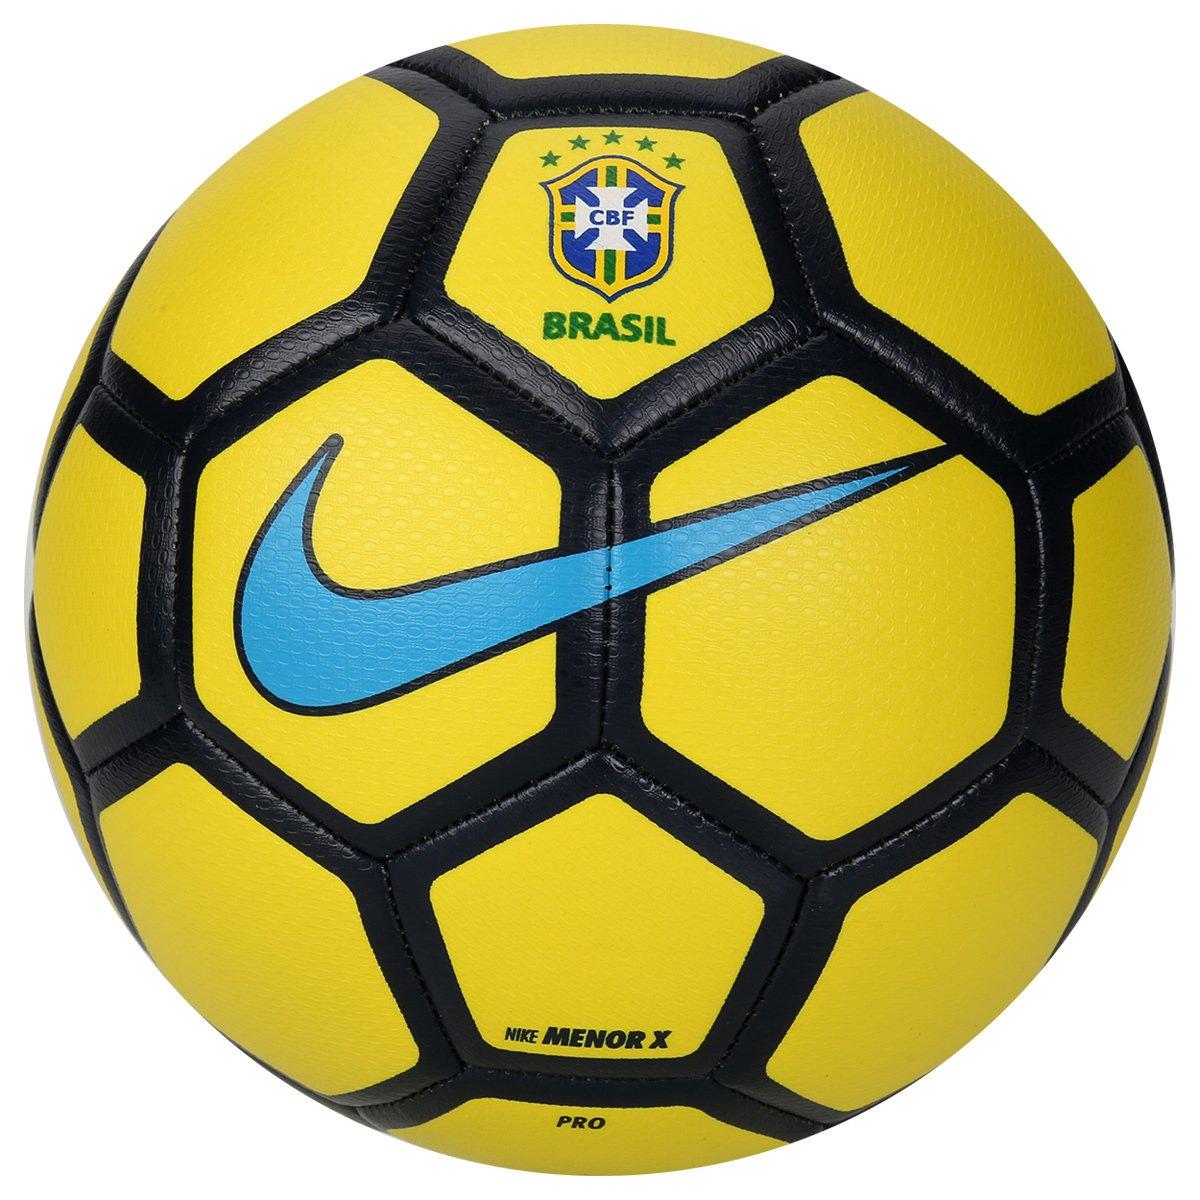 Bola Futsal FootballX Menor CBF - Compre Agora  143cc44cddc88